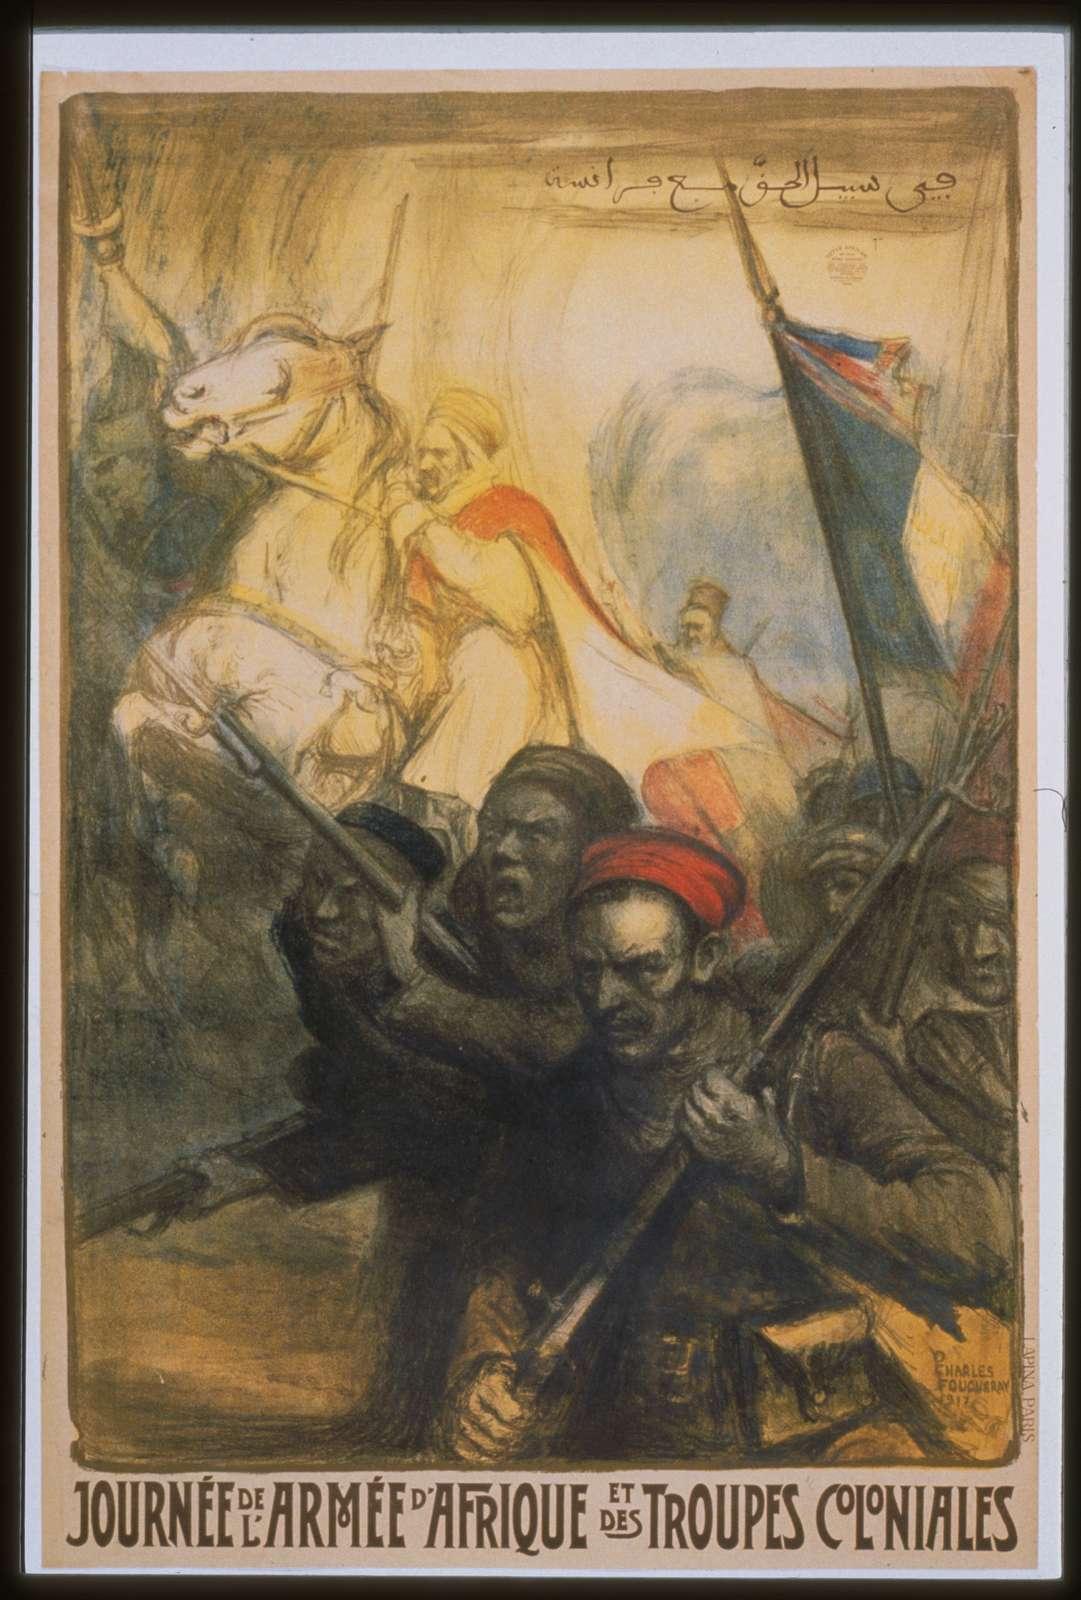 Journée de l'armée d'Afrique et des troupes coloniales